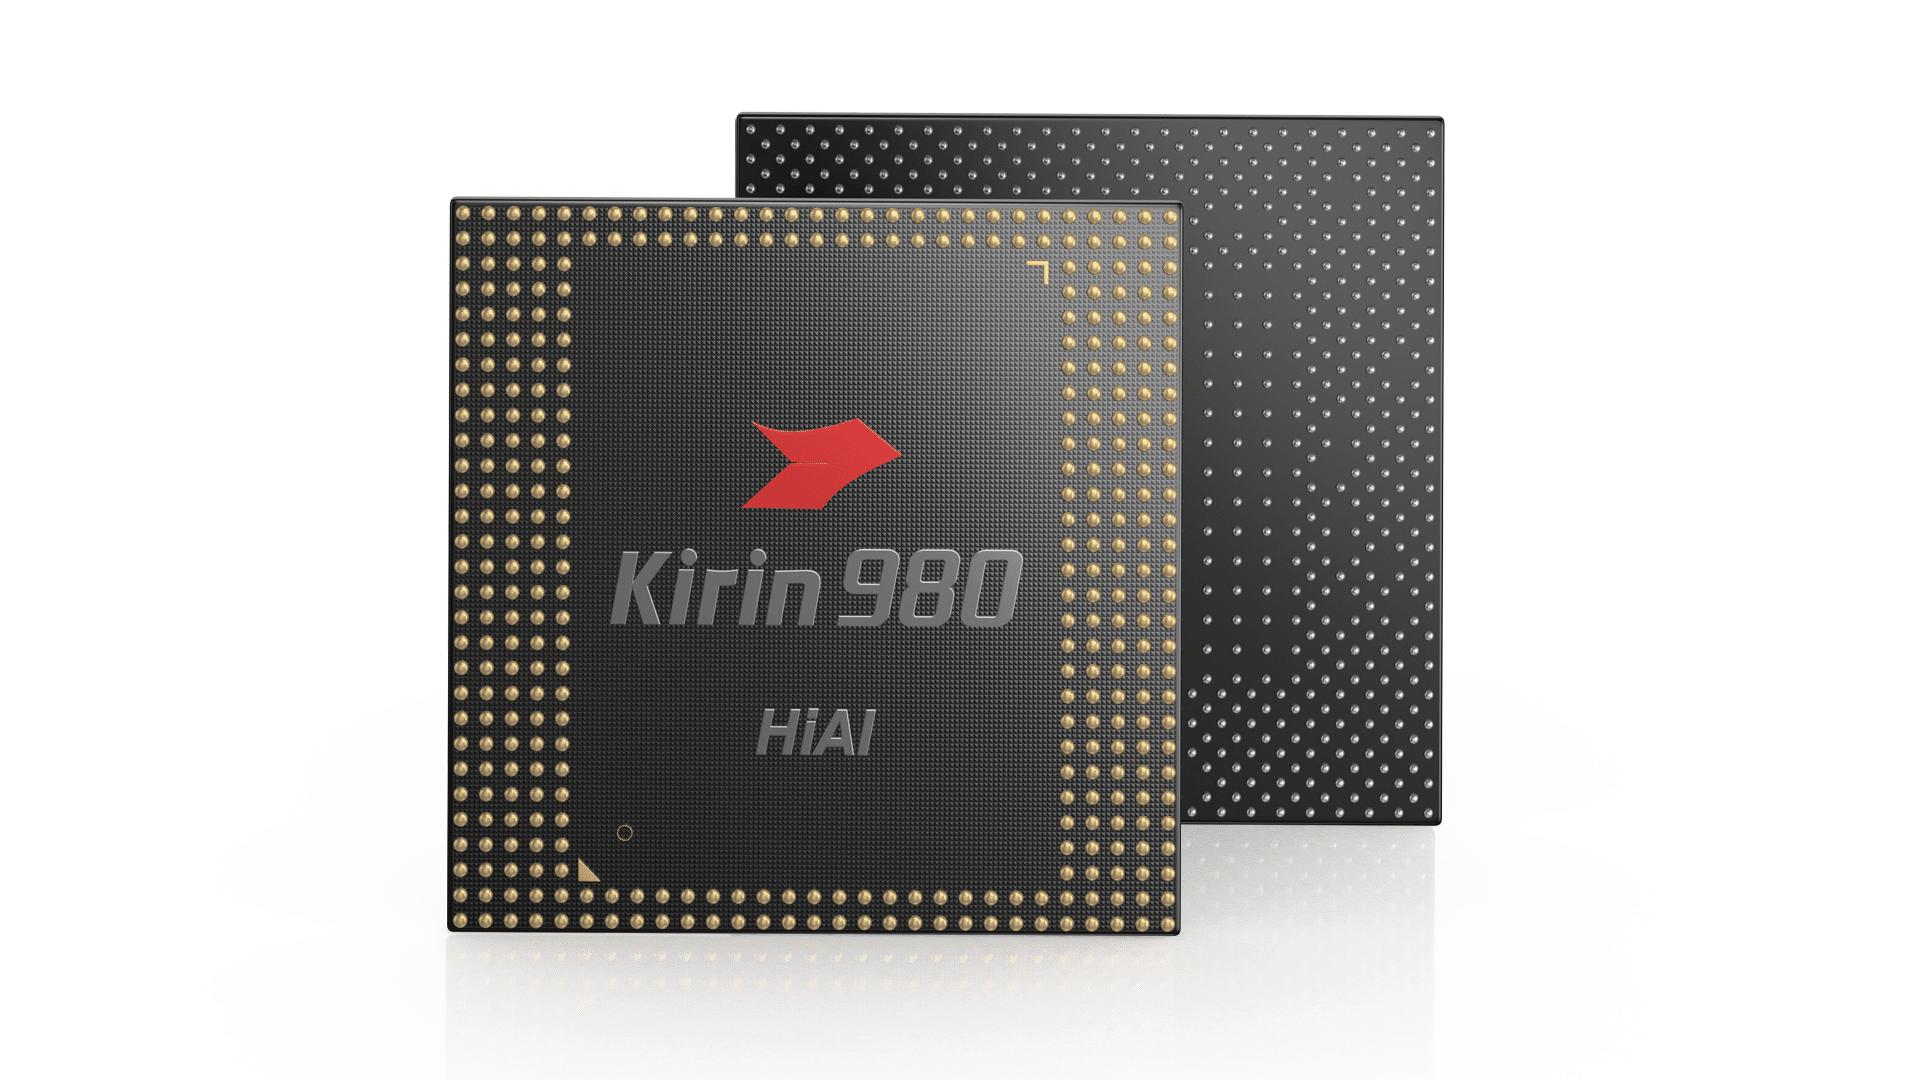 Kirin 980 je první komerční čipset na světě vyrobený 7nm technologií